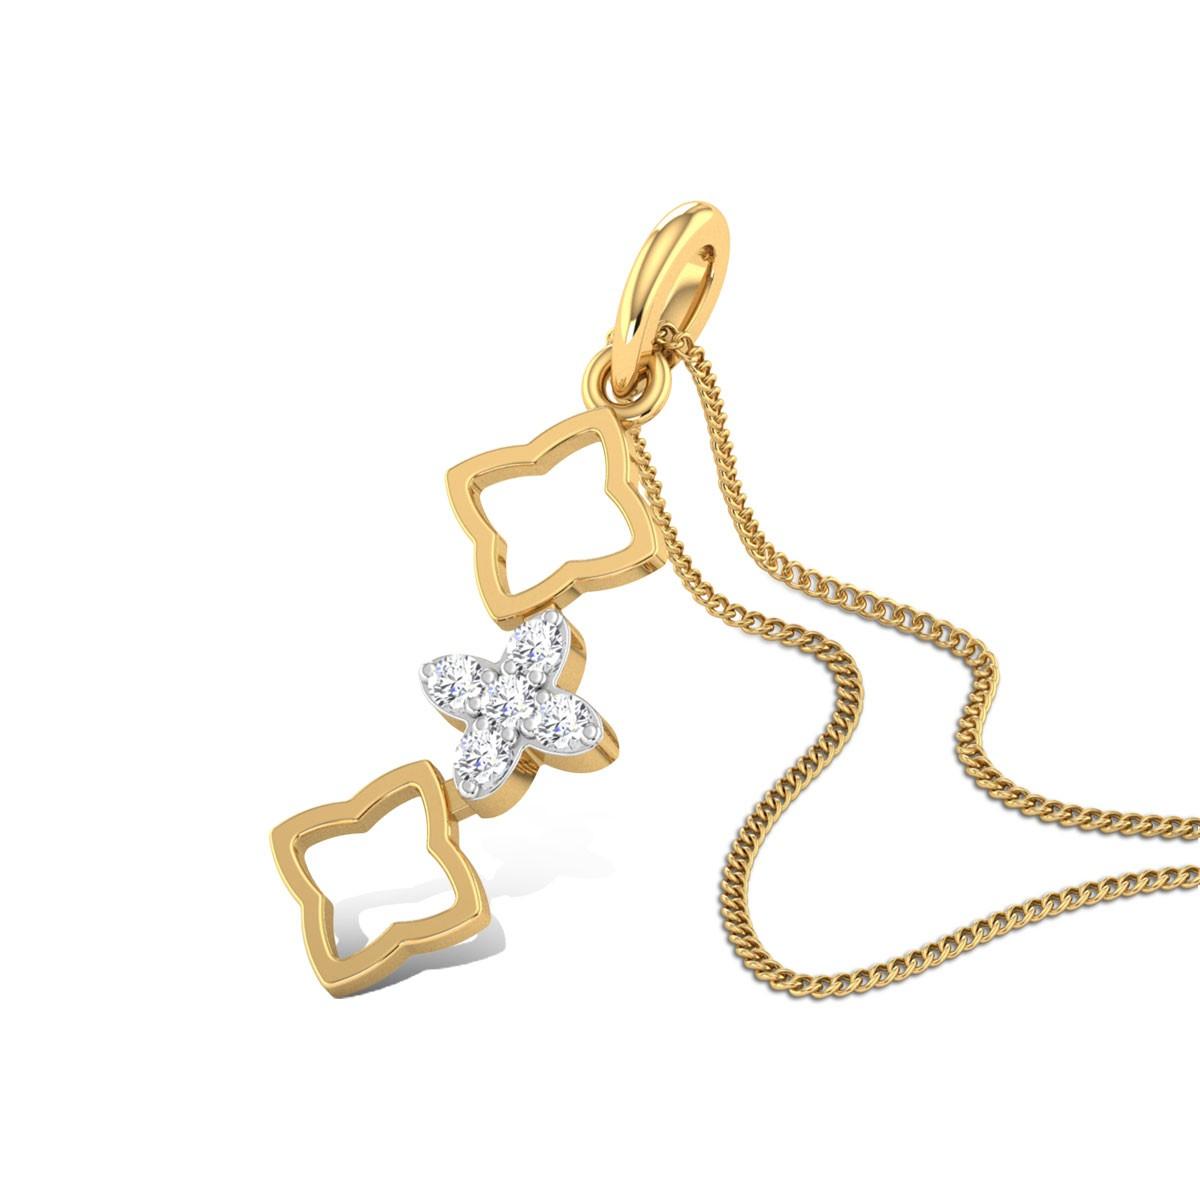 Fortune Teller Diamond Pendant